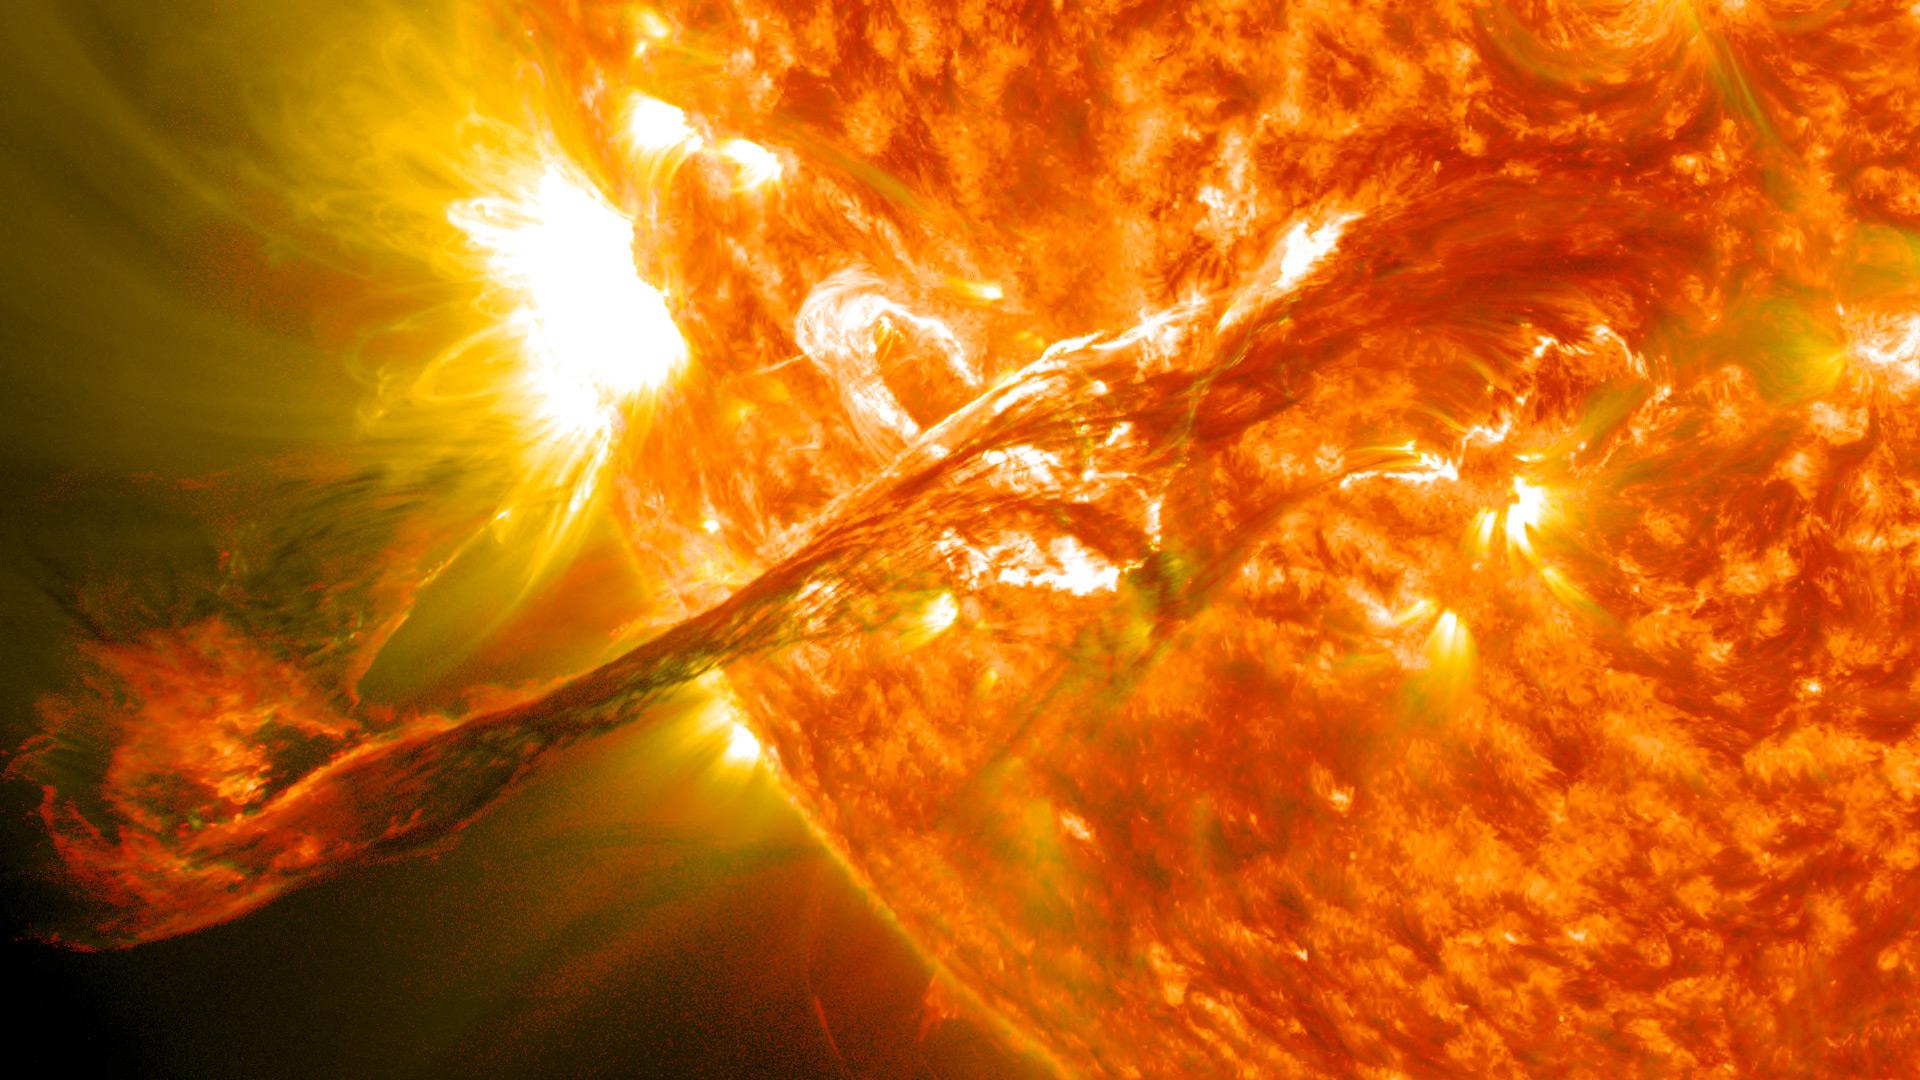 Dojde k megazemětřesení? CERN jede naplno a došlo k nejsilnější erupci na Slunci za tento rok